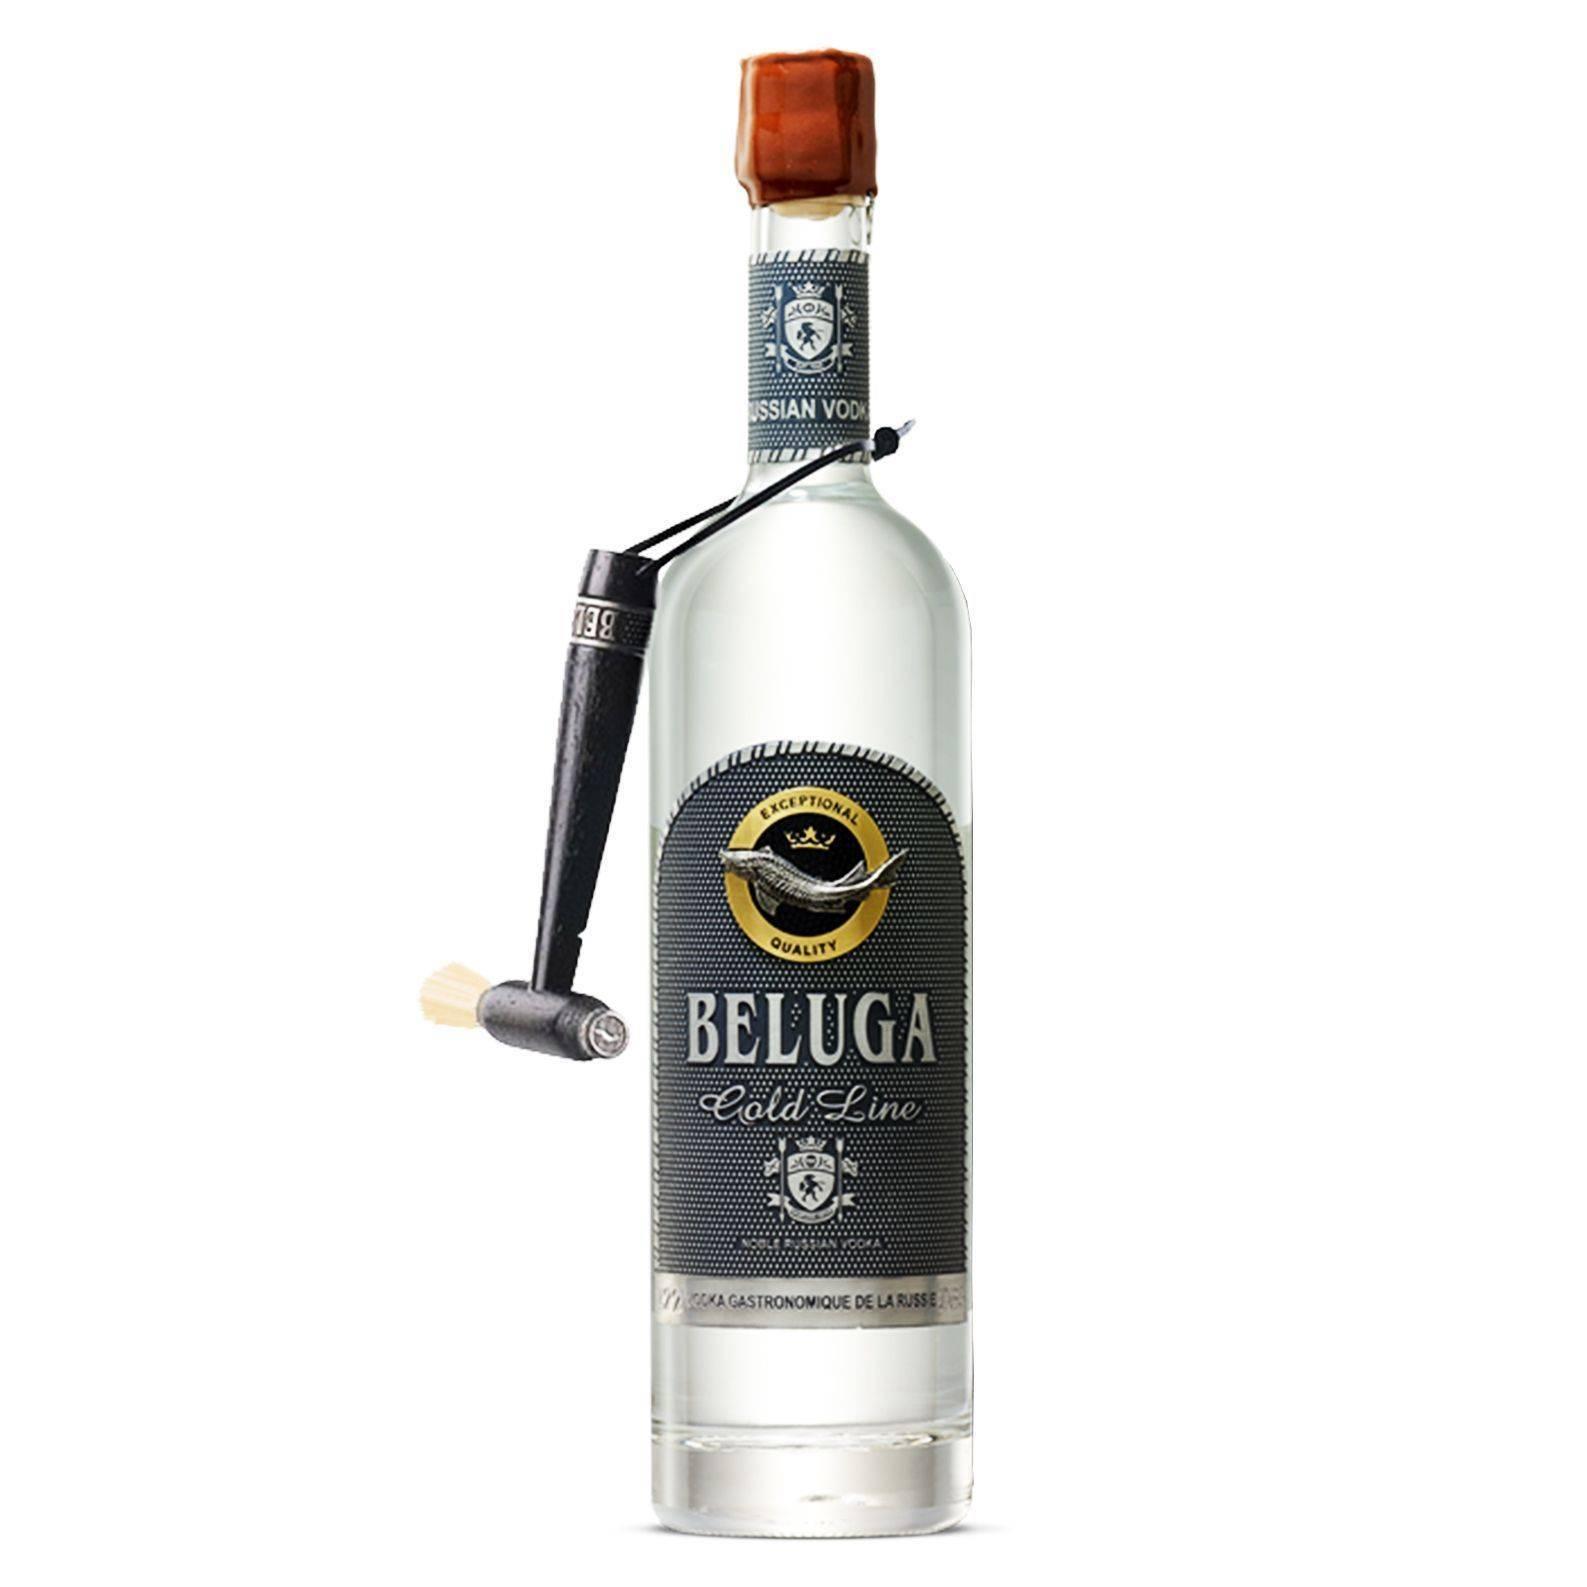 Водка (beluga) белуга: 95 фото, видео обзор и дегустация брендового крепкого напитка